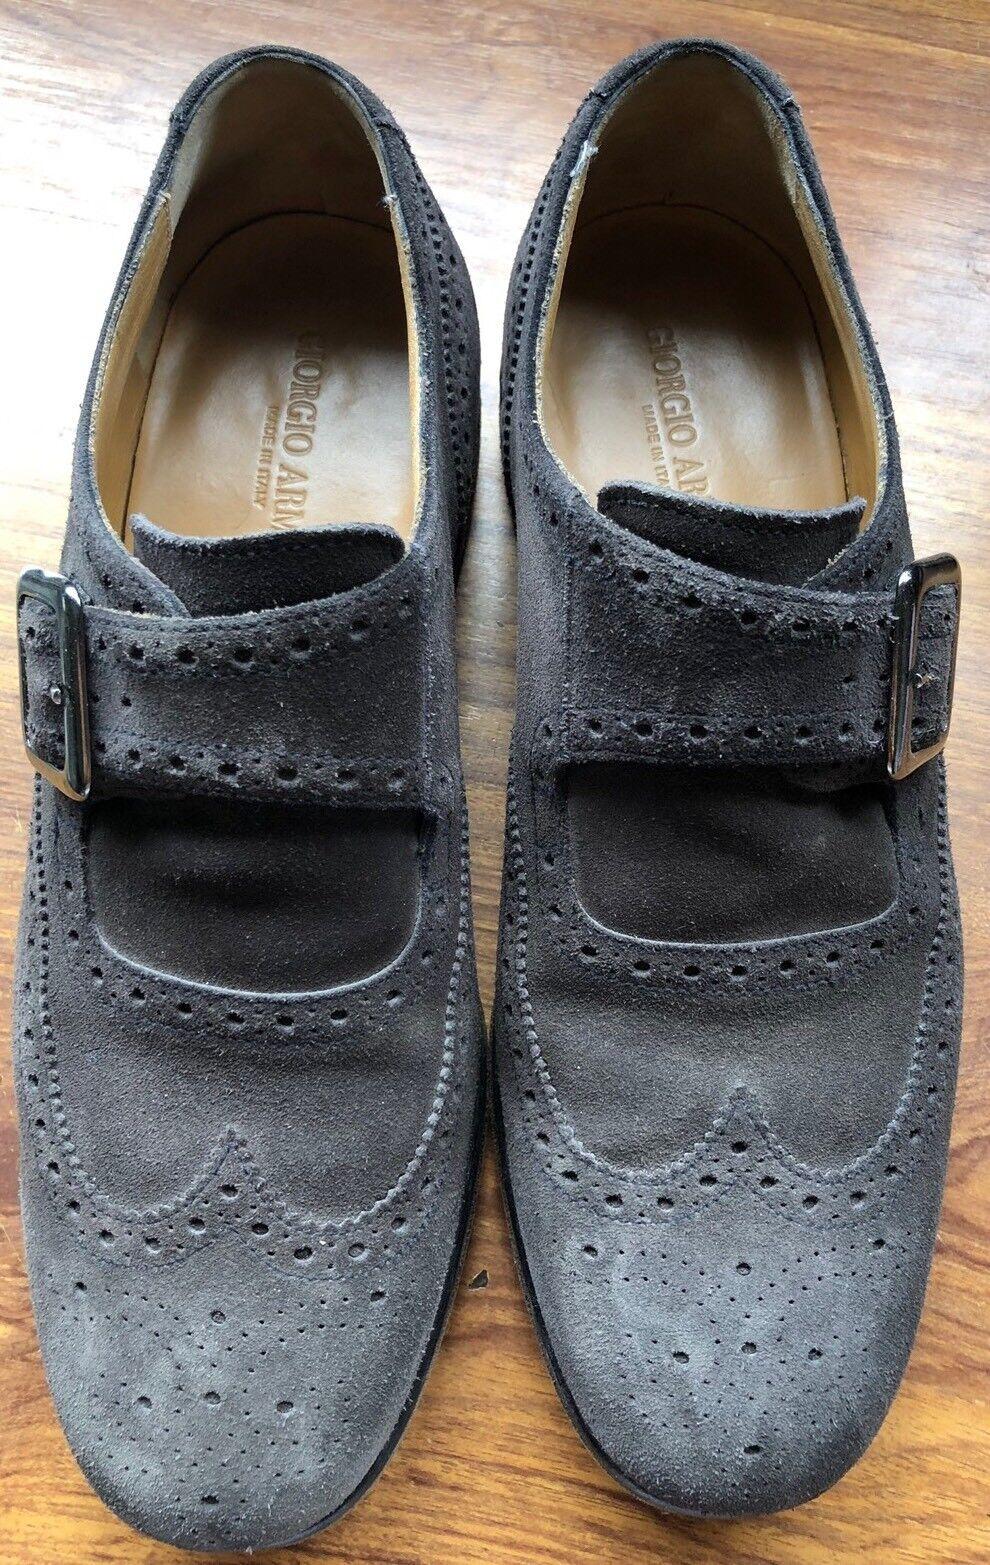 Mocassino Tg. GIORGIO ARMANI Tg. Mocassino 9 monkstrap scamosciato grigio 33c670